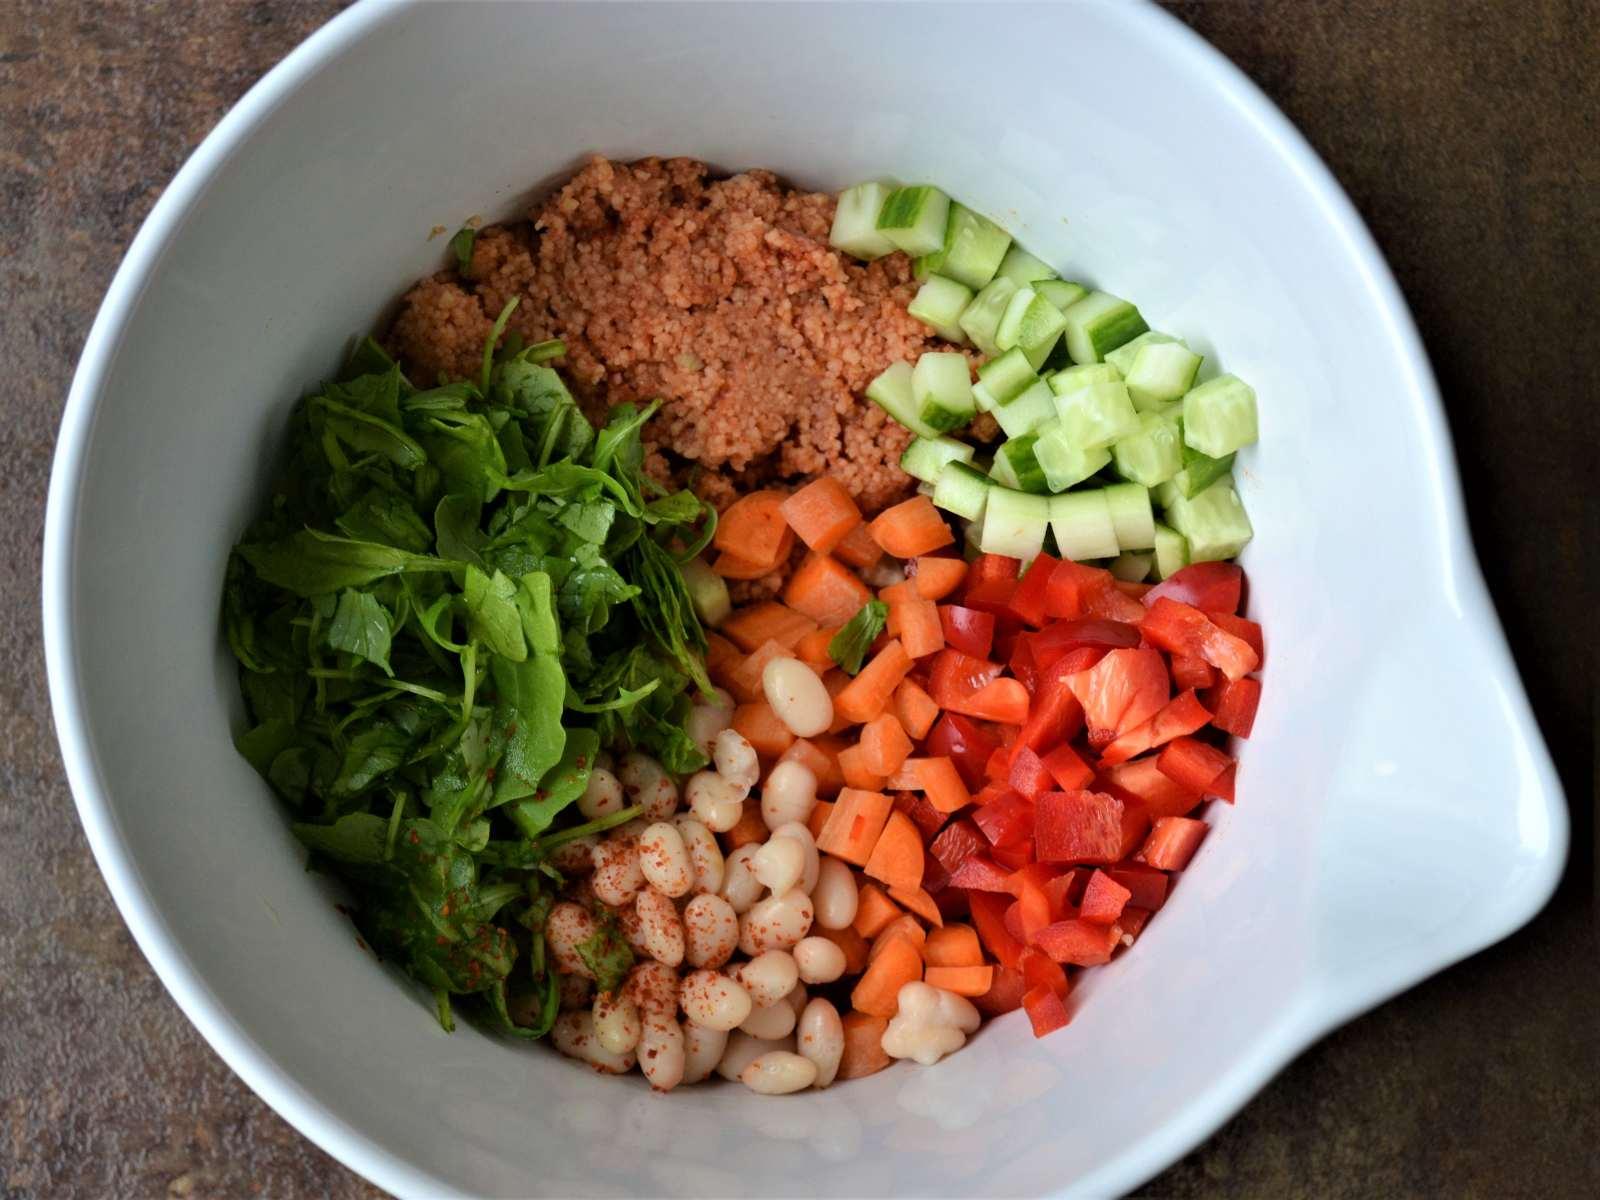 Vegane Kumpir mit Couscous-Salat und Dip Zutaten in Schüssel